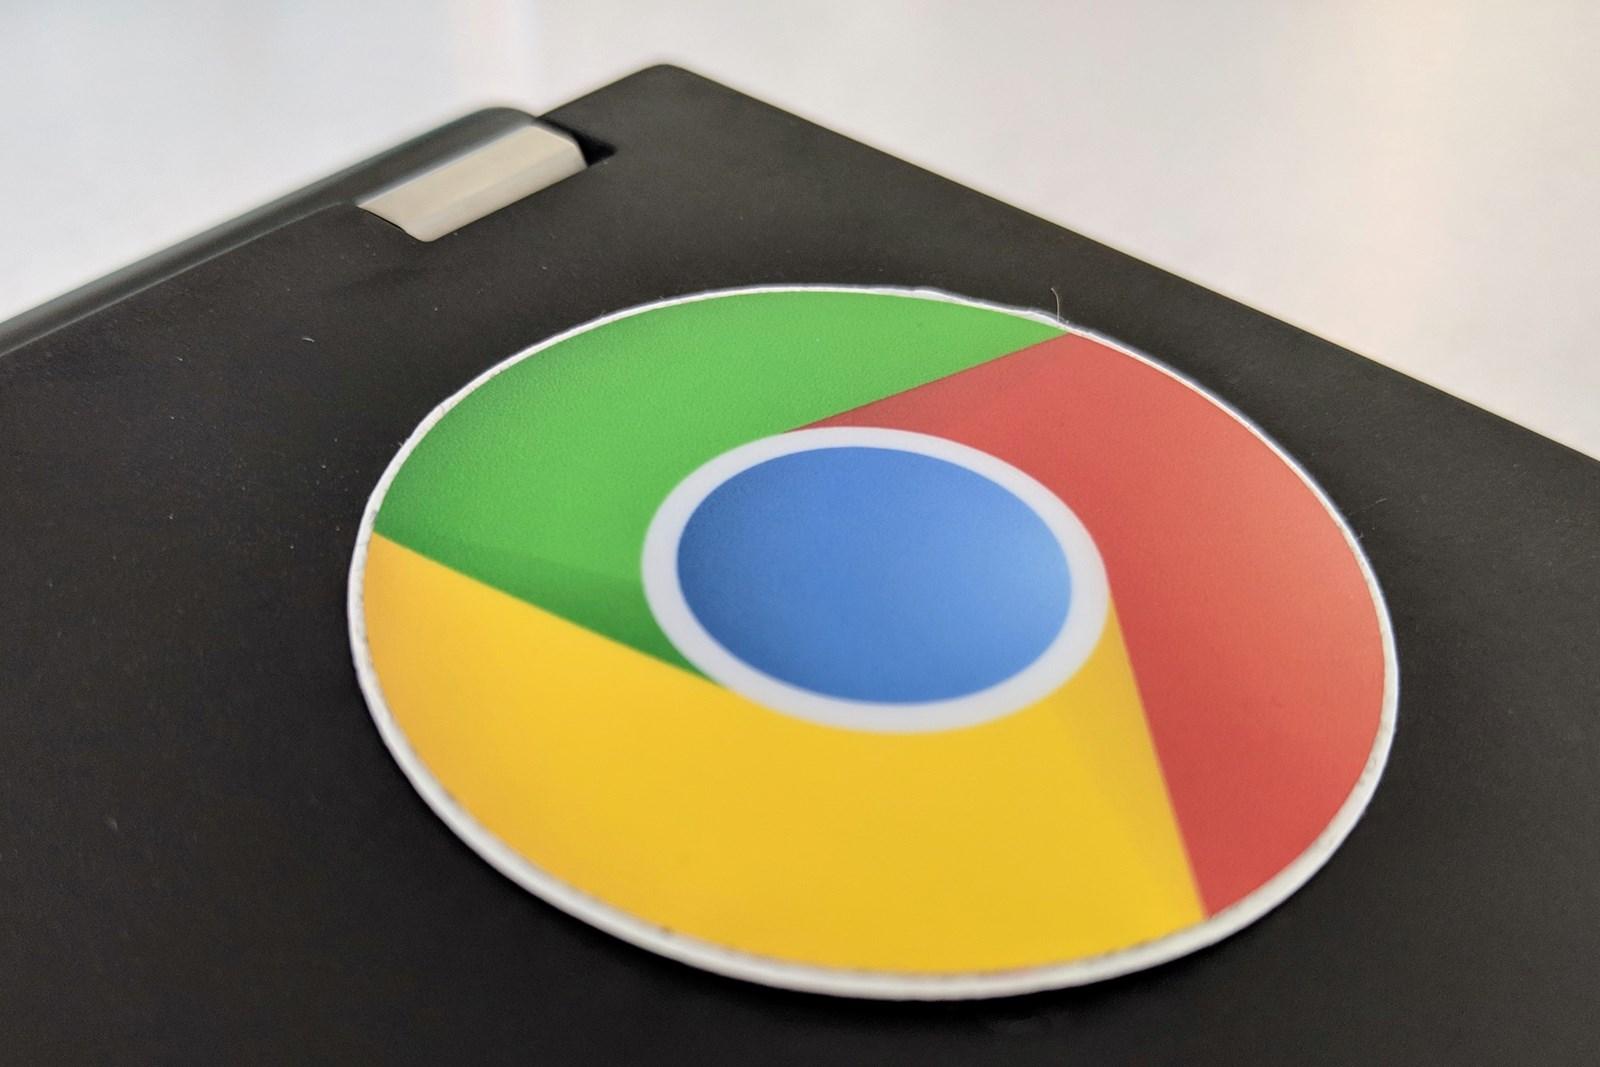 Chrome 74 bringt Dark Mode für Windows-User